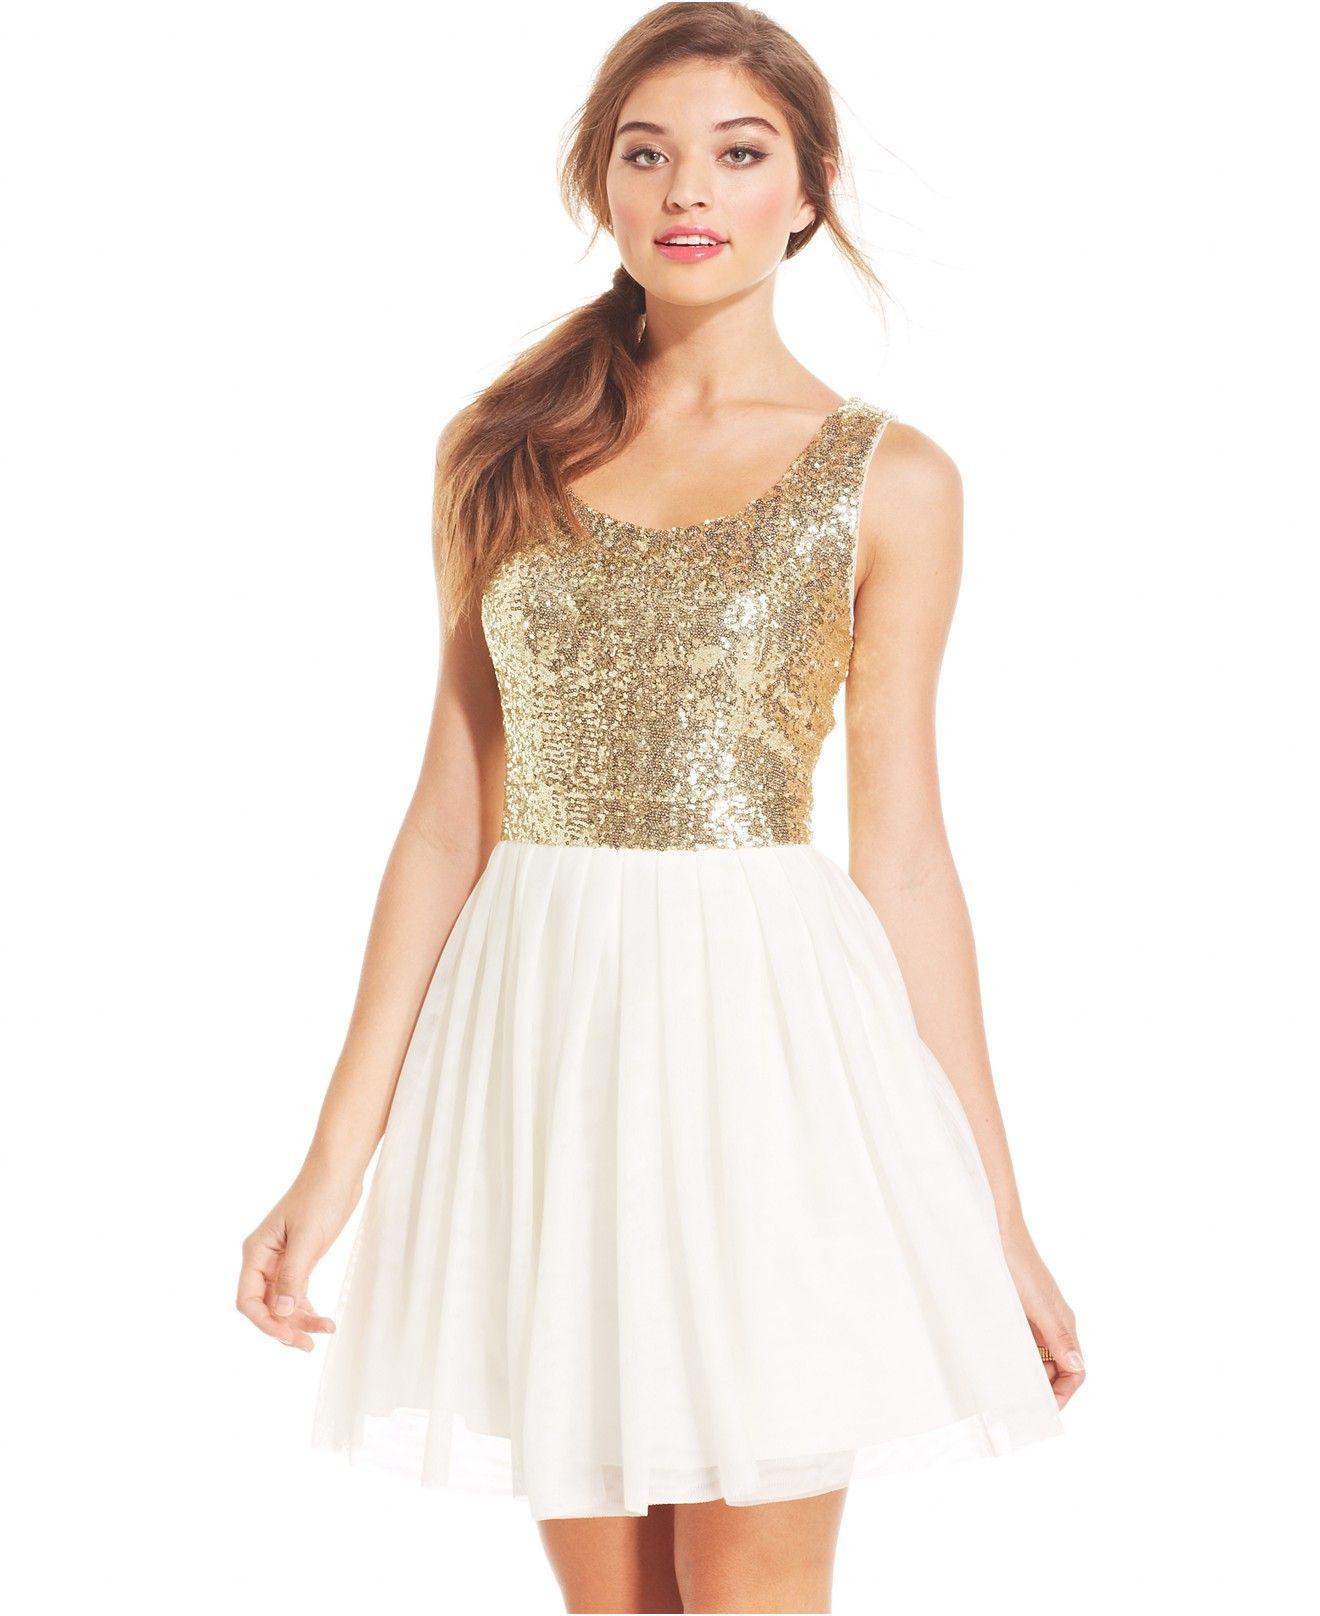 White Sequin Dresses for Juniors